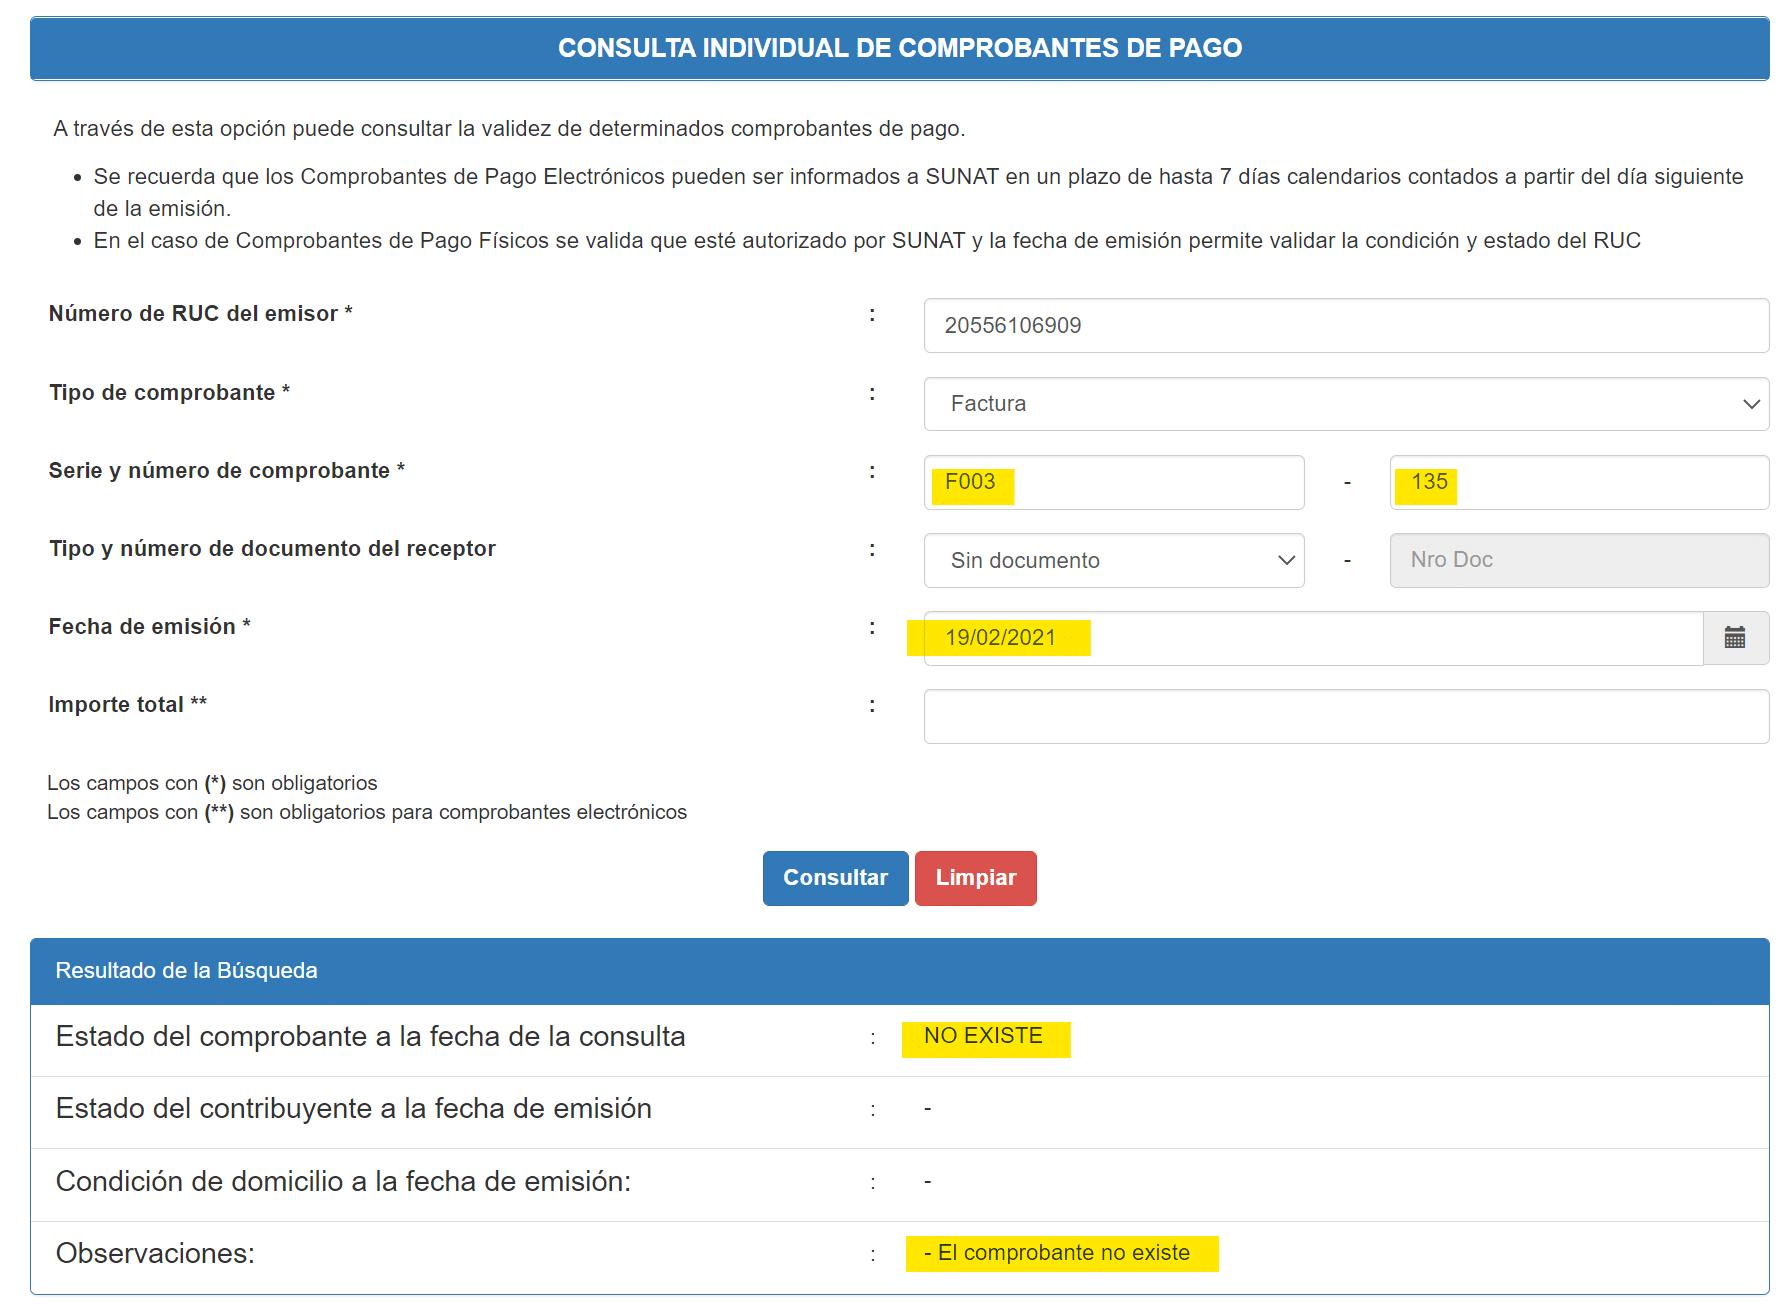 Consulta Individual de Compronbantes de Pago